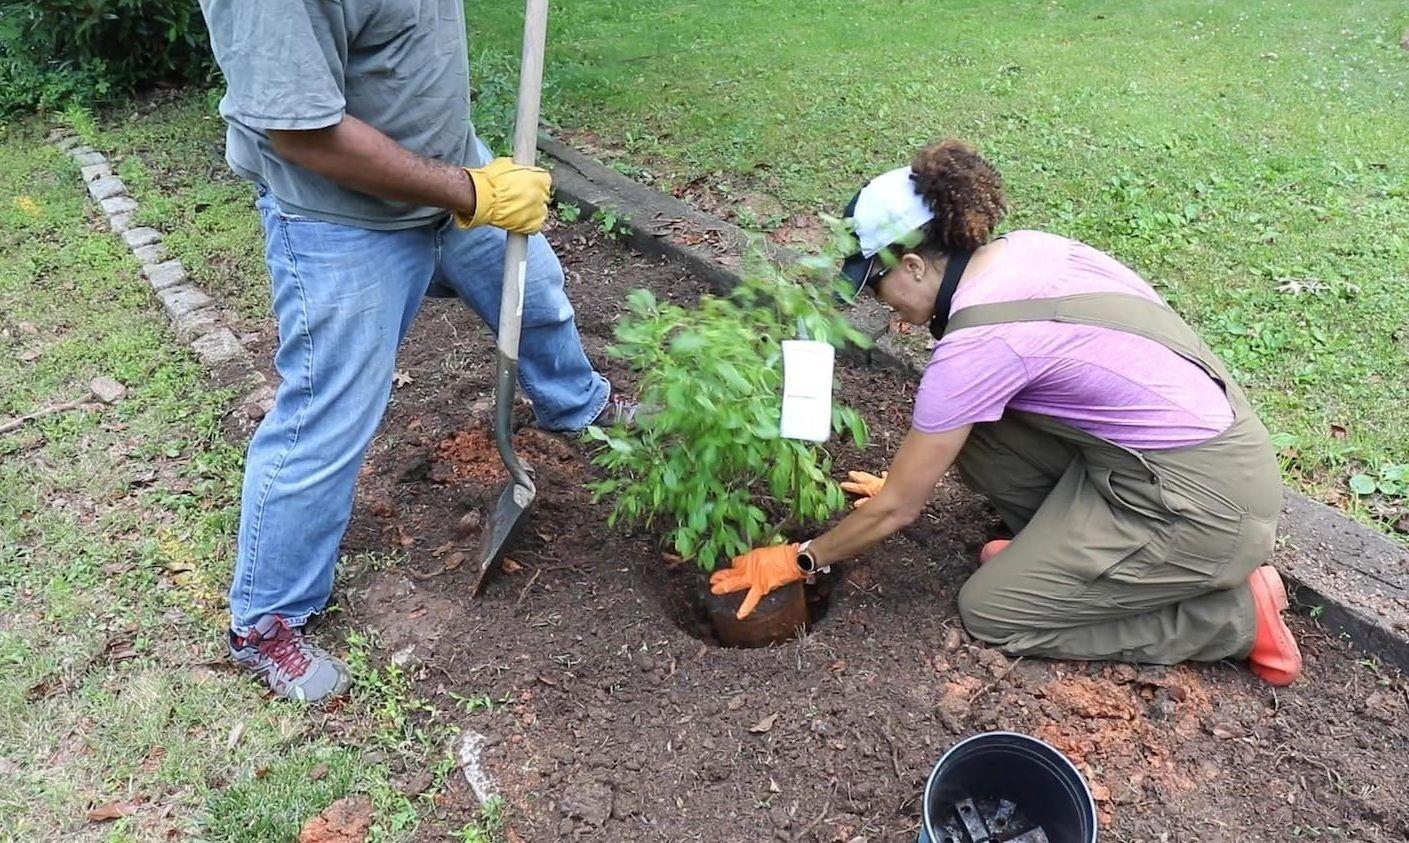 Процесс посадки садовой голубики в лунку с заранее подготовленной почвой